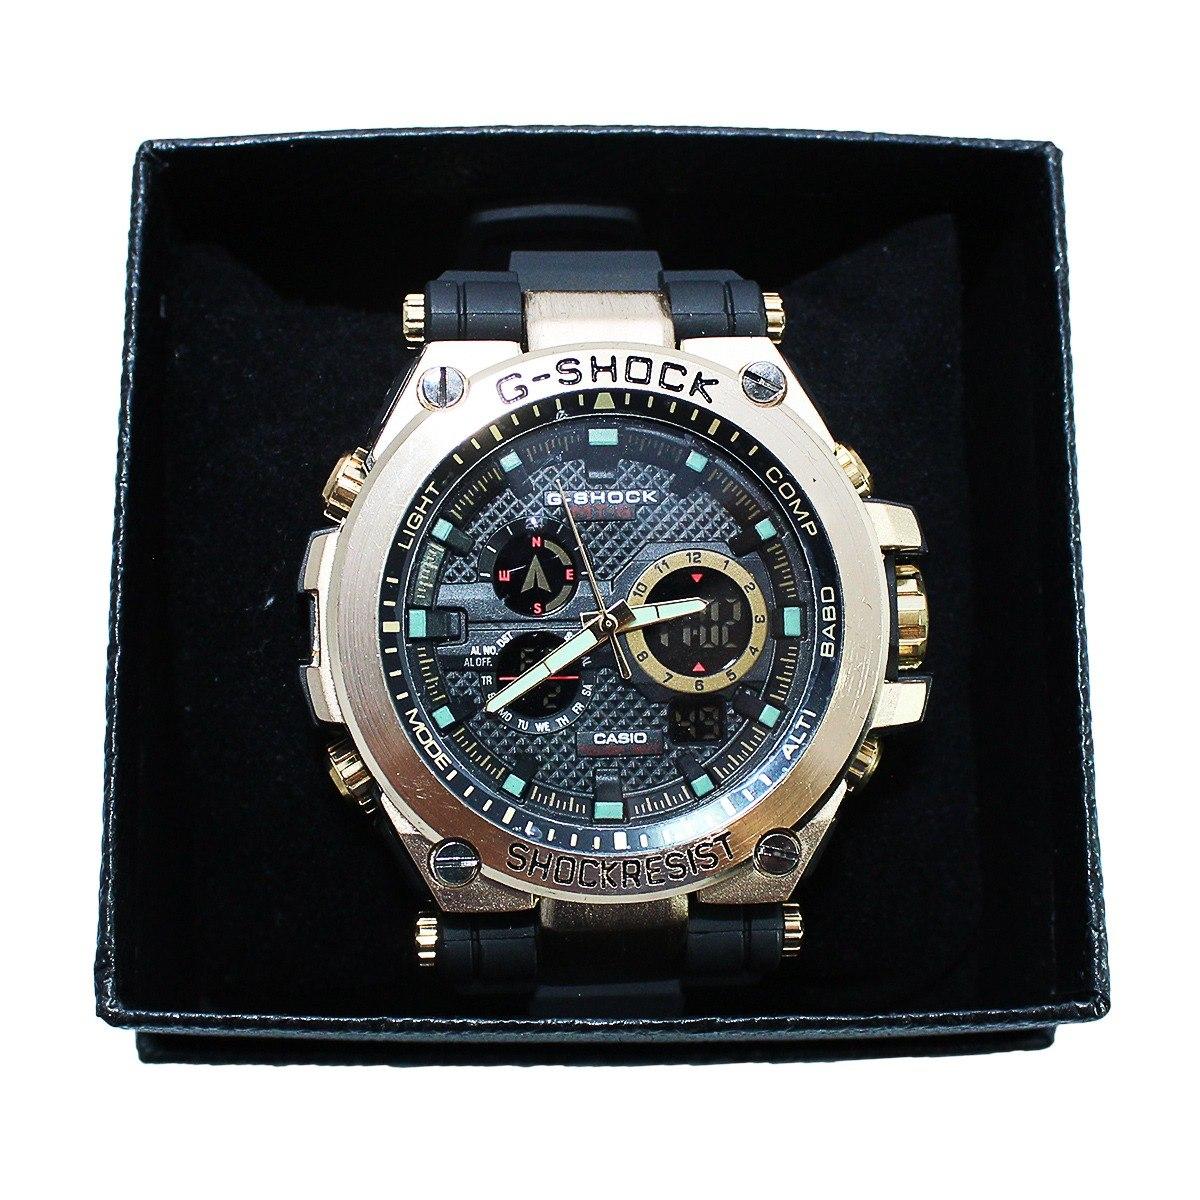 697fbfec08f relógio casio g shock dourado digital analógico promoção. Carregando zoom.